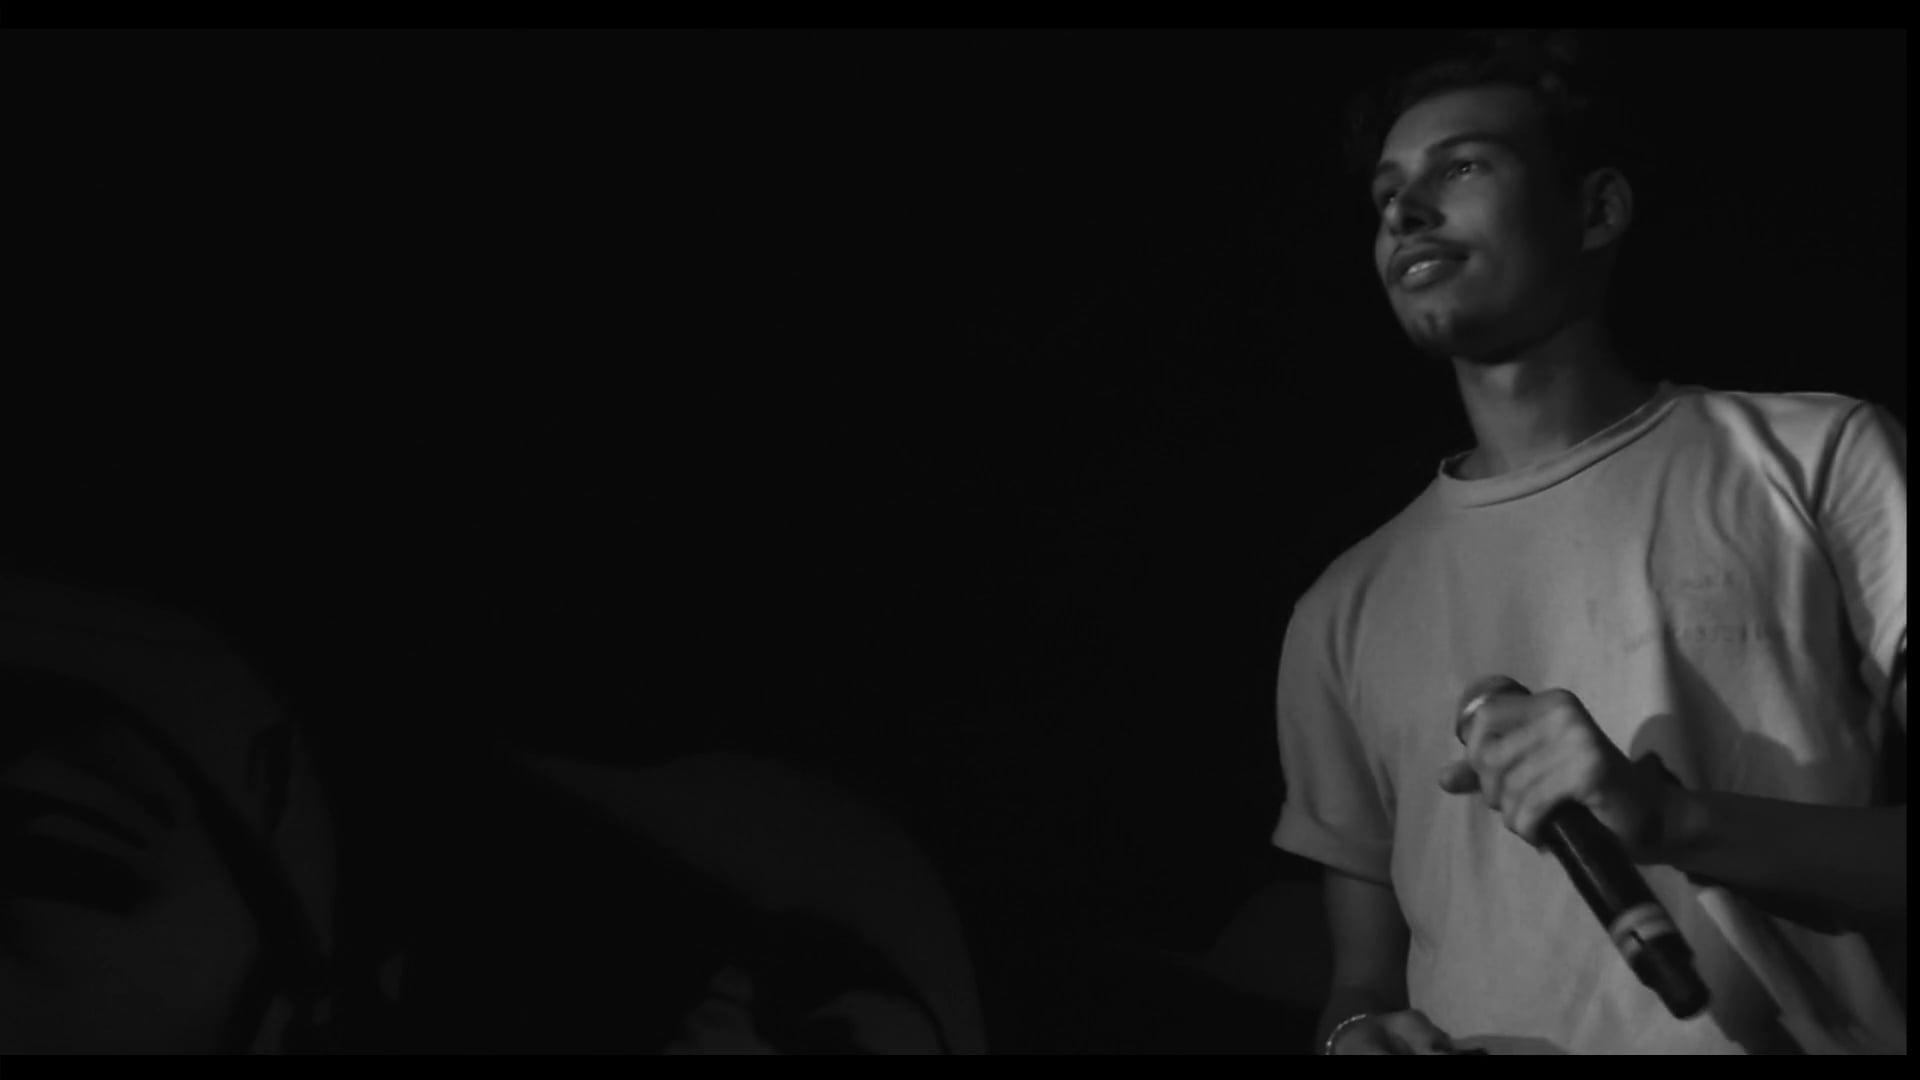 Georgio - Backstage memories #6